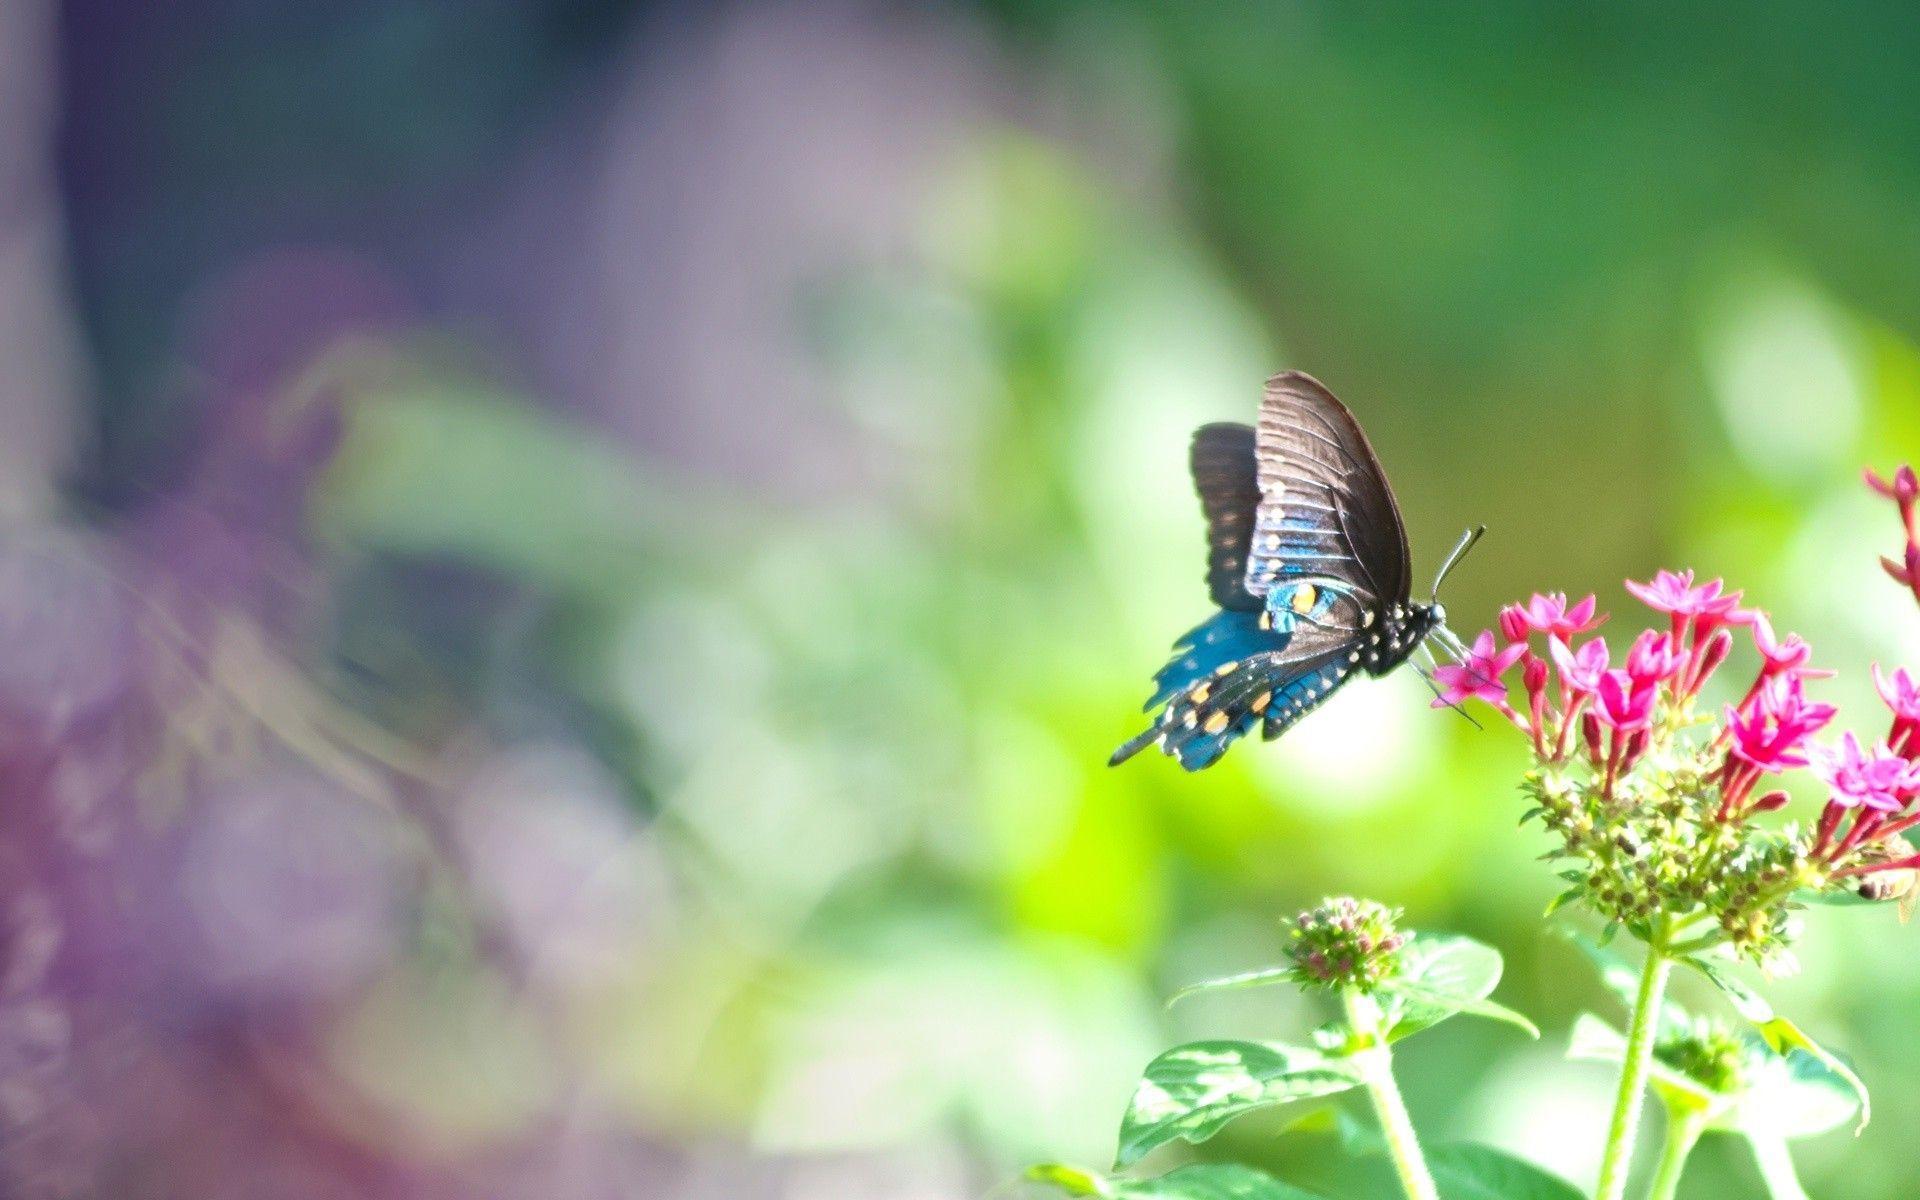 Butterfly Emoji Wallpapers - Top Free Butterfly Emoji ...